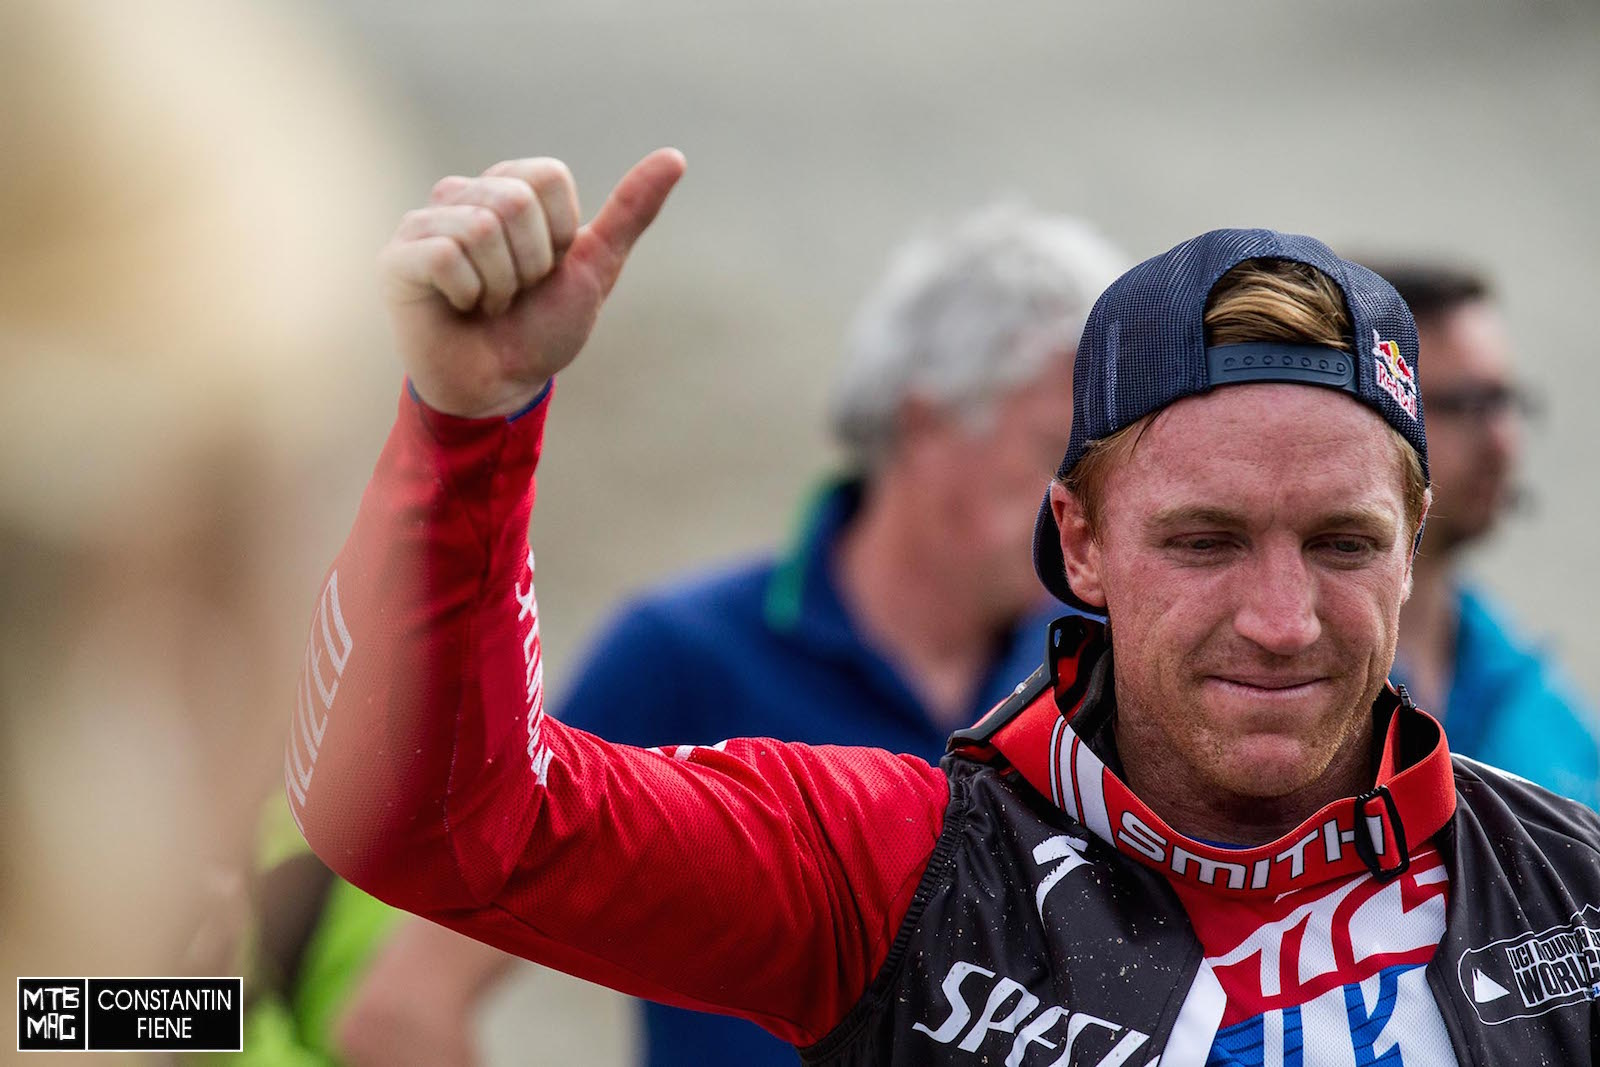 Glücklich und zufrieden: Aaron Gwin nach seinem fenomenalen Sieg in Leogang 2015.